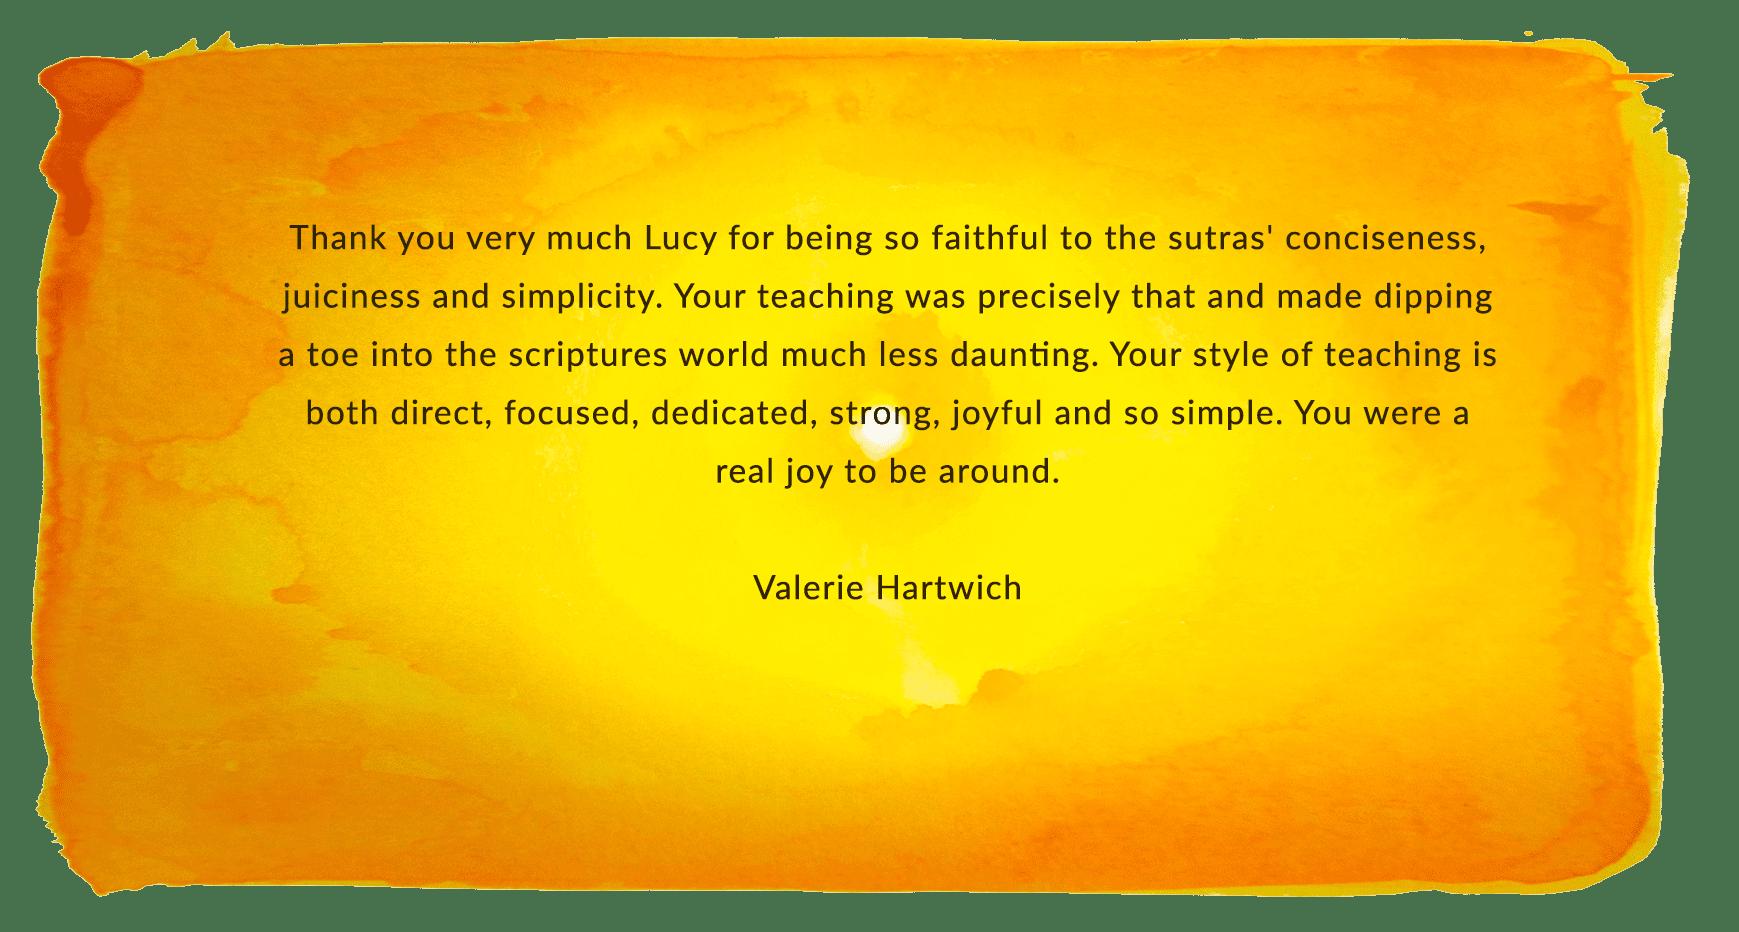 Valerie Hartwich 2 SMALL BOX